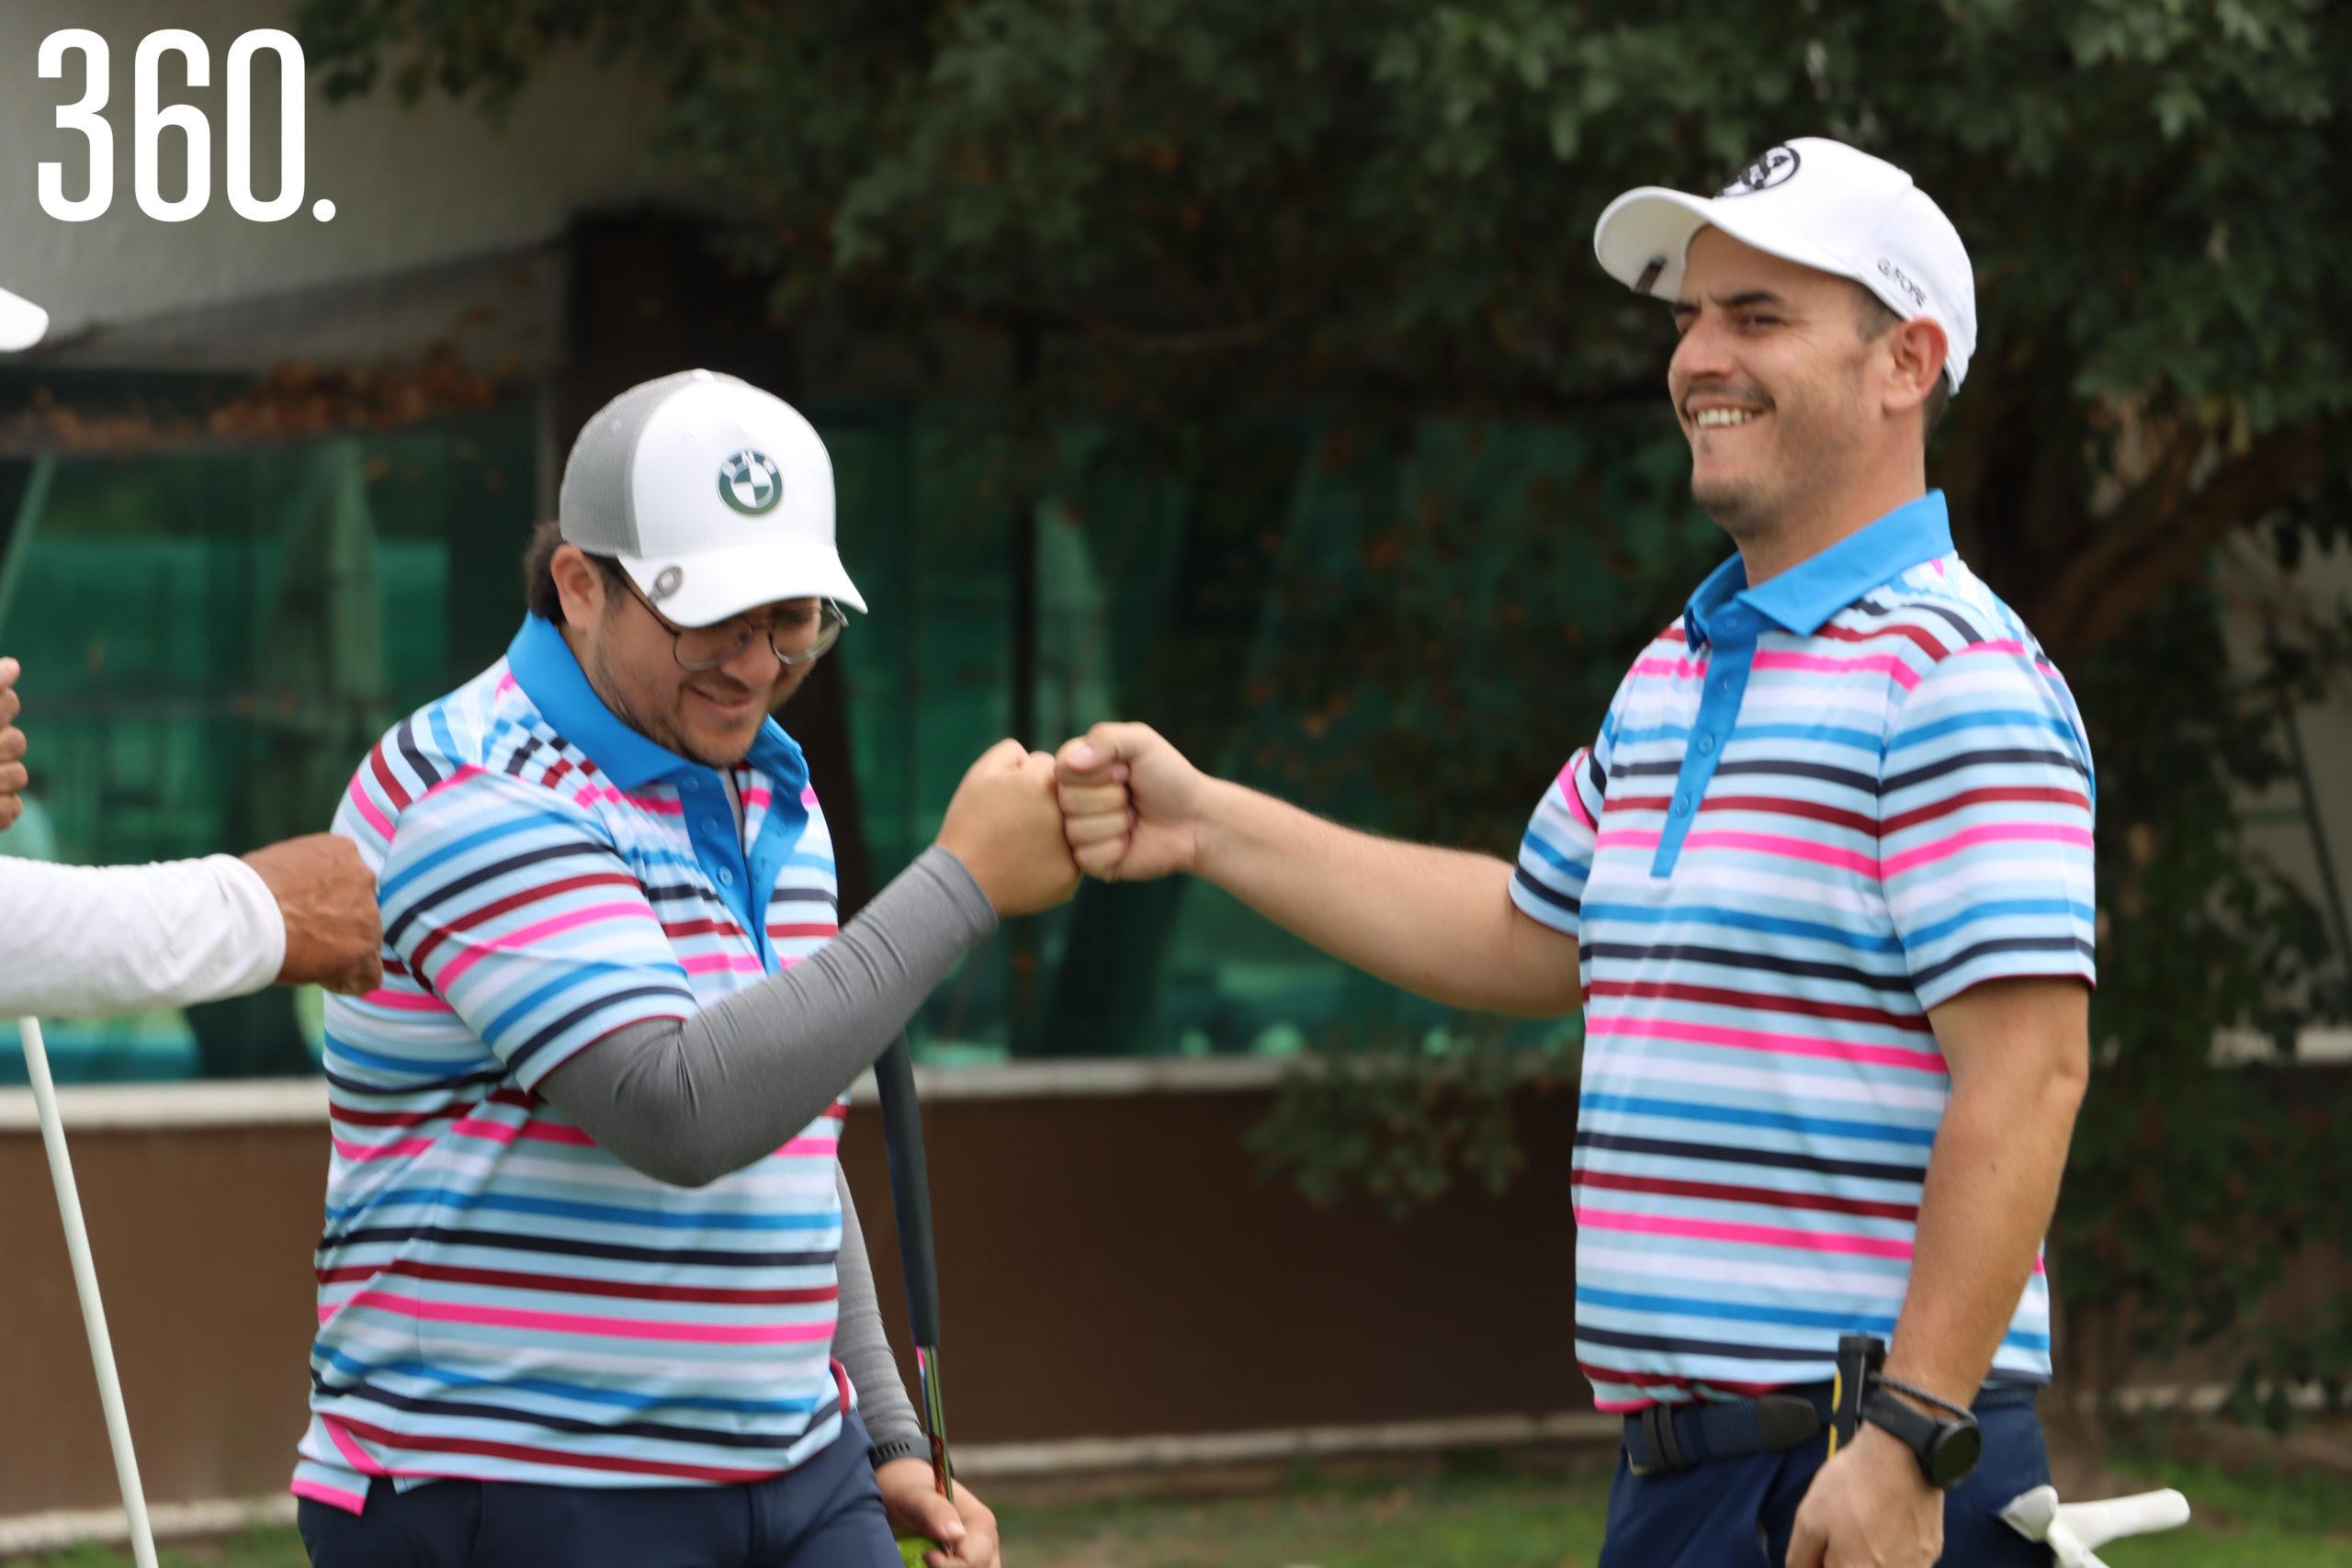 Ángel Espinoza y Ricardo Gómez después de concretar un birdie en el hoyo 8.